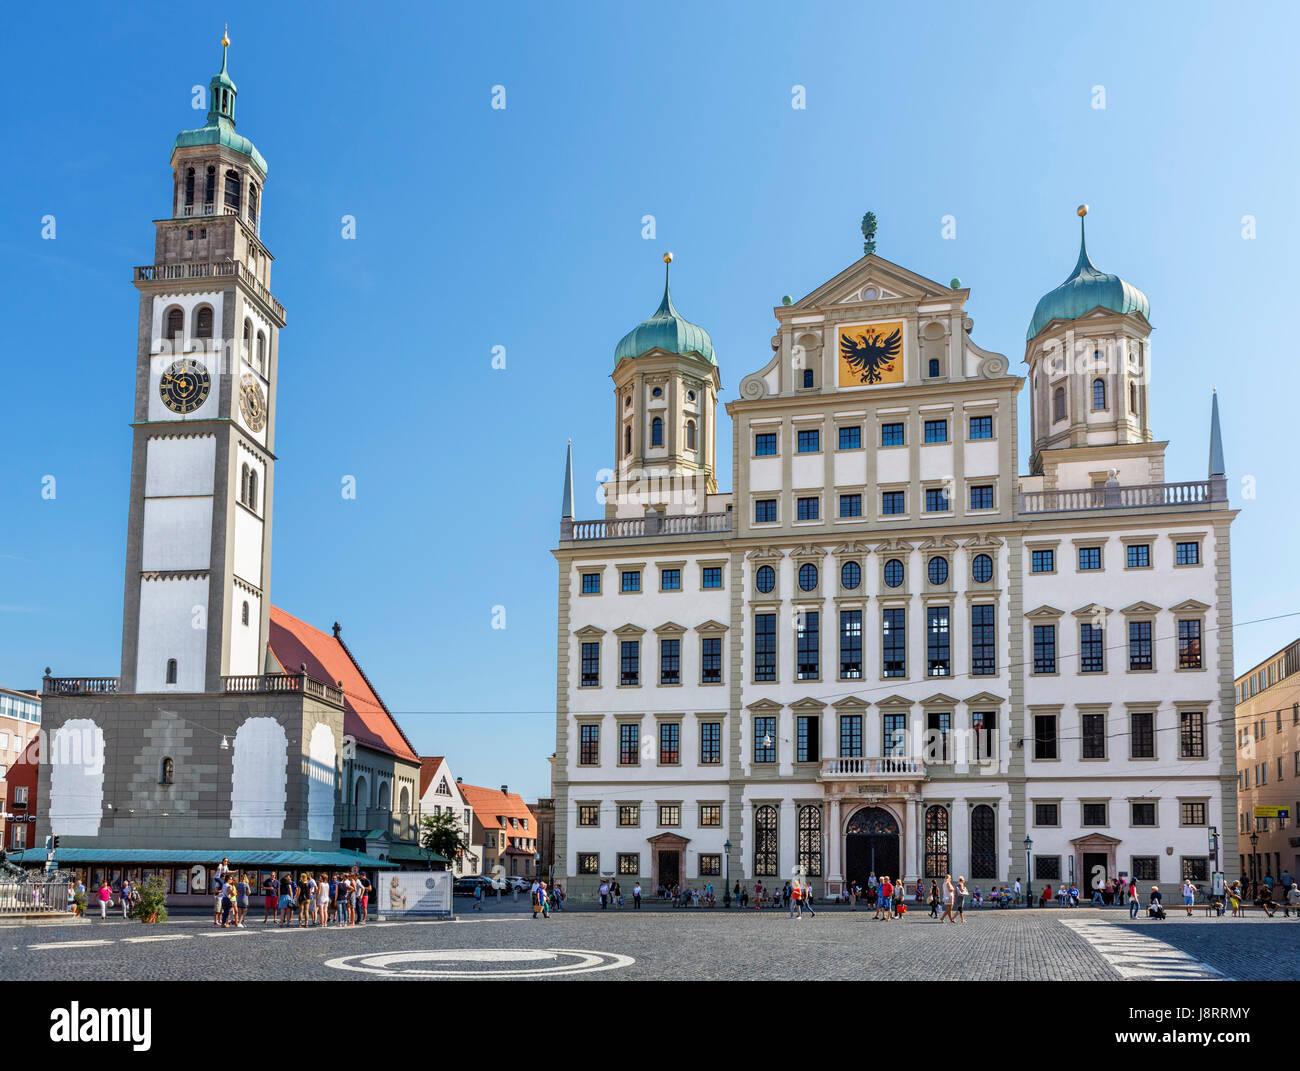 Das Rathaus (Rathaus) und Perlach Turm (Perlachturm), Rathausplatz, Augsburg, Bayern, Deutschland Stockbild